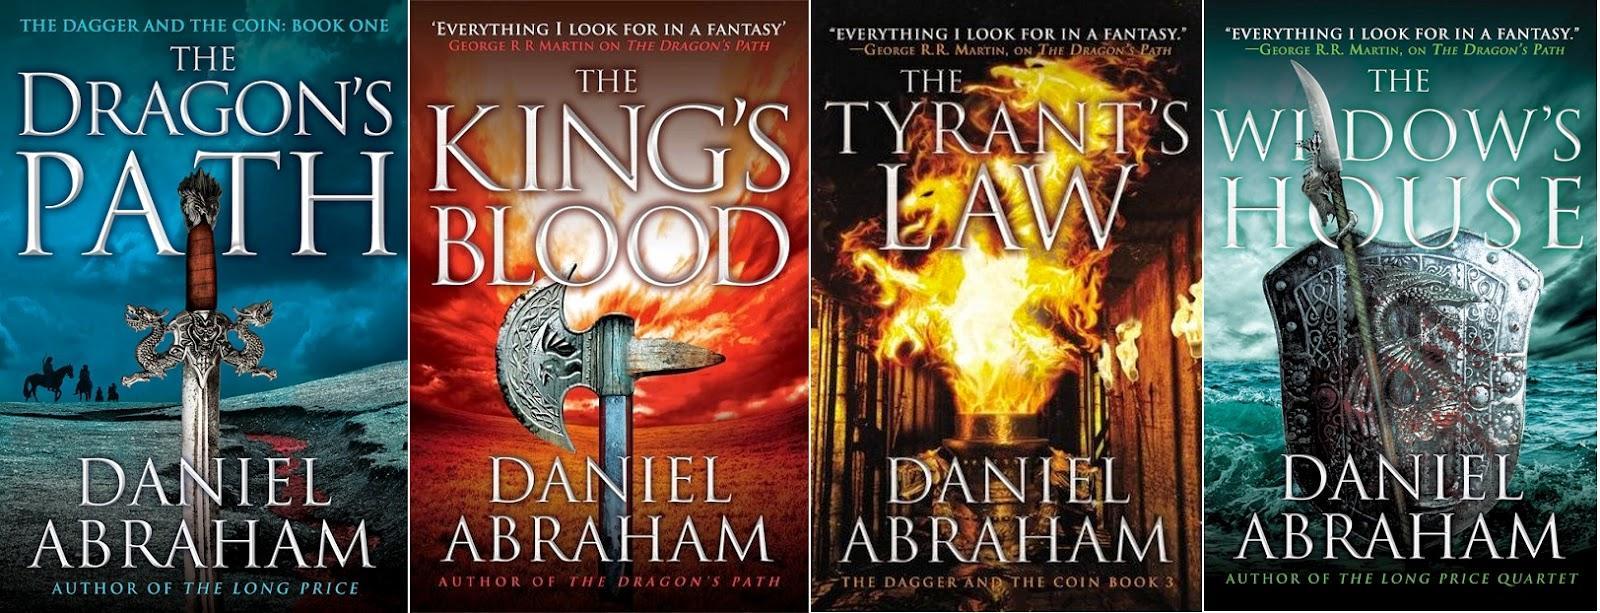 Fantasy Book Cover Cliches : Black gate articles fantasy clichés done right